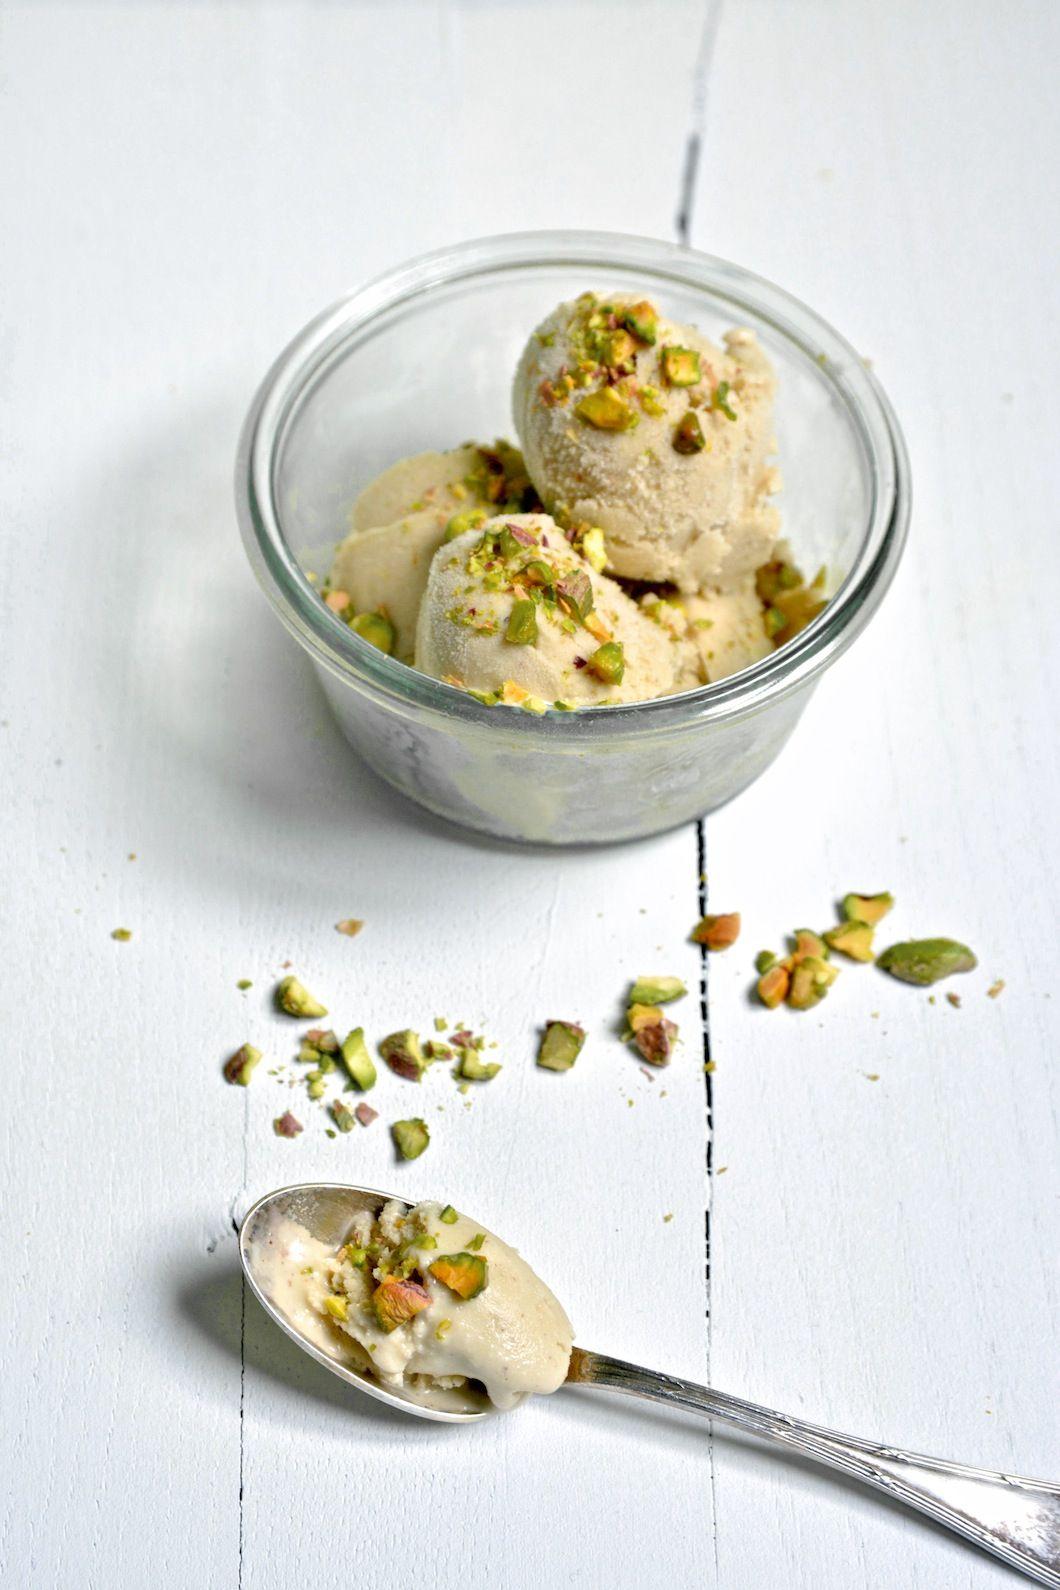 Recette Glace Pistache Sans Oeufs glace onctueuse (trop bonne) à la pistache // sans lactose